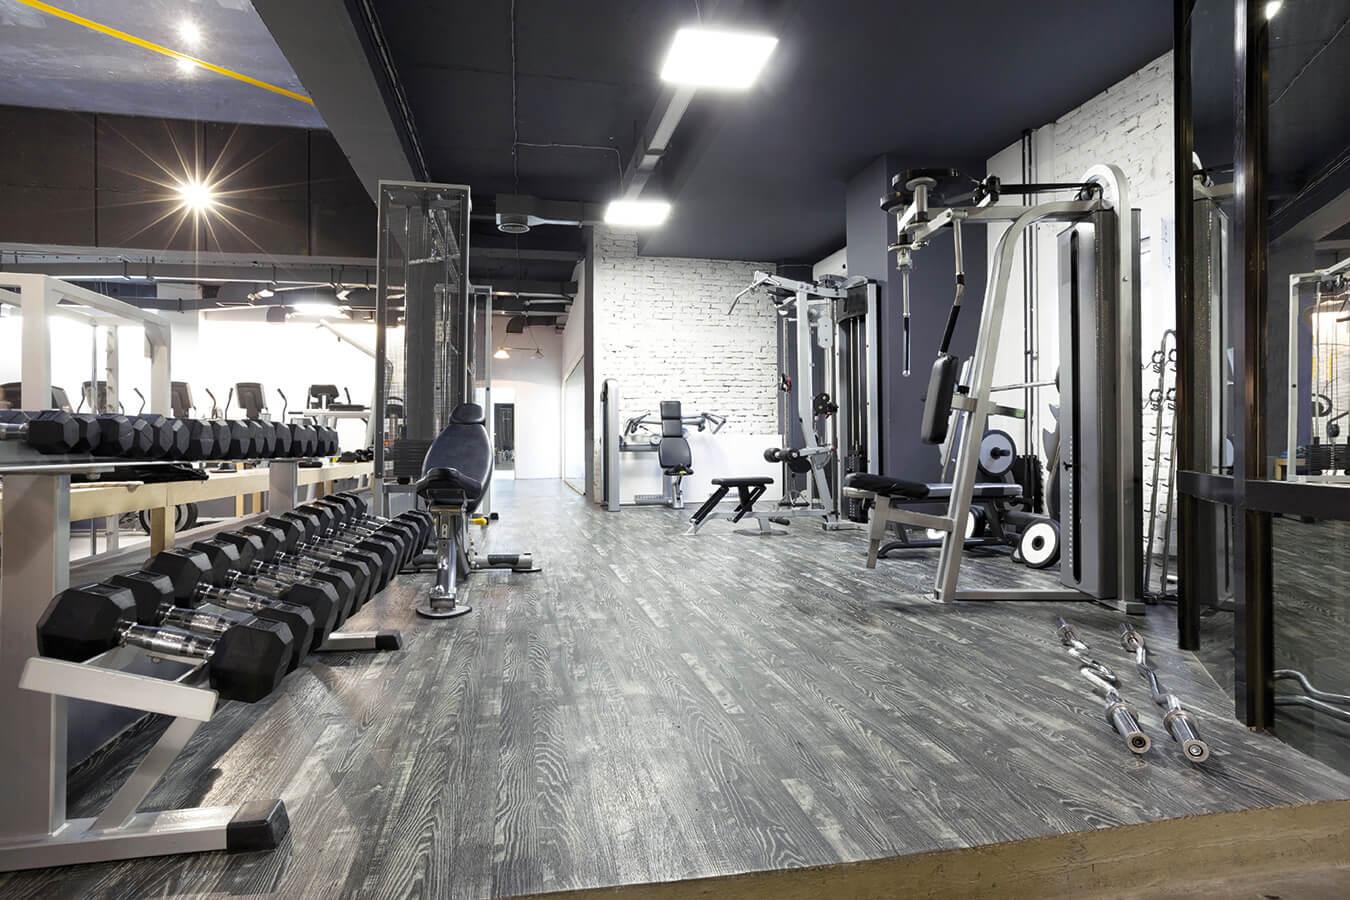 Pavimenti per palestra e sala pesi: scegliere il tipo ideale